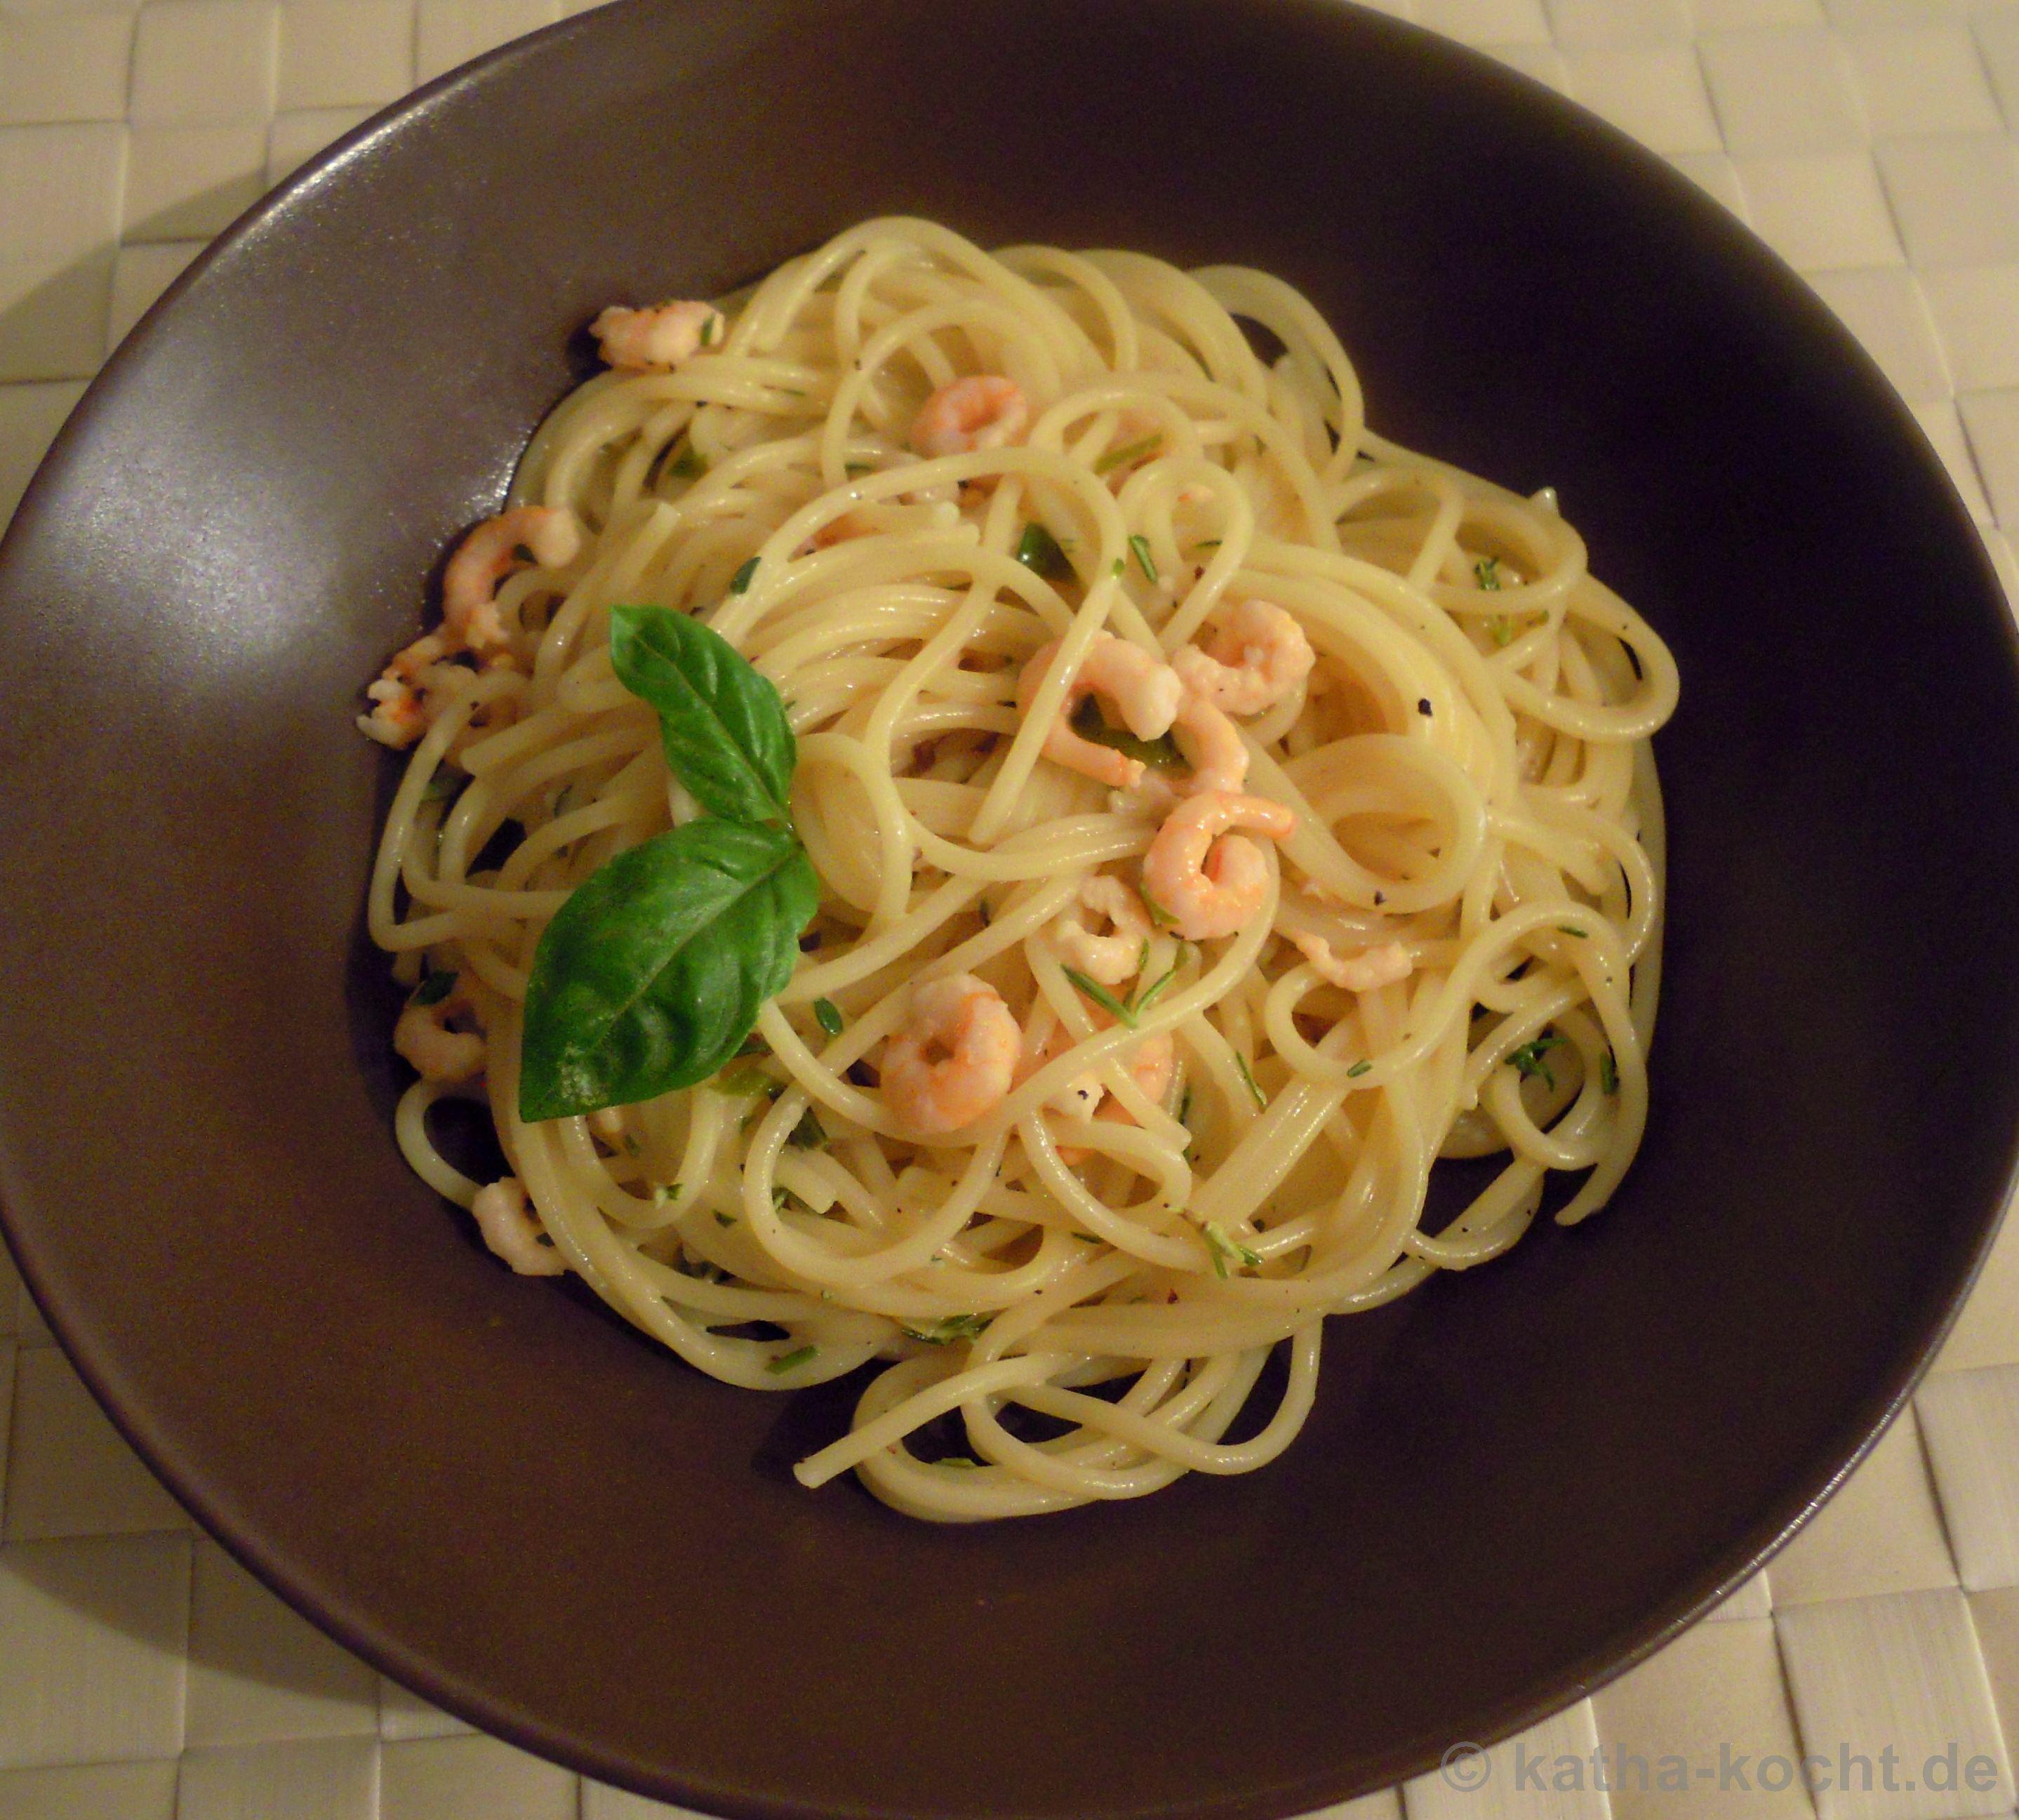 spaghetti mit garnelen in wei wein sahneso e rezepte suchen. Black Bedroom Furniture Sets. Home Design Ideas